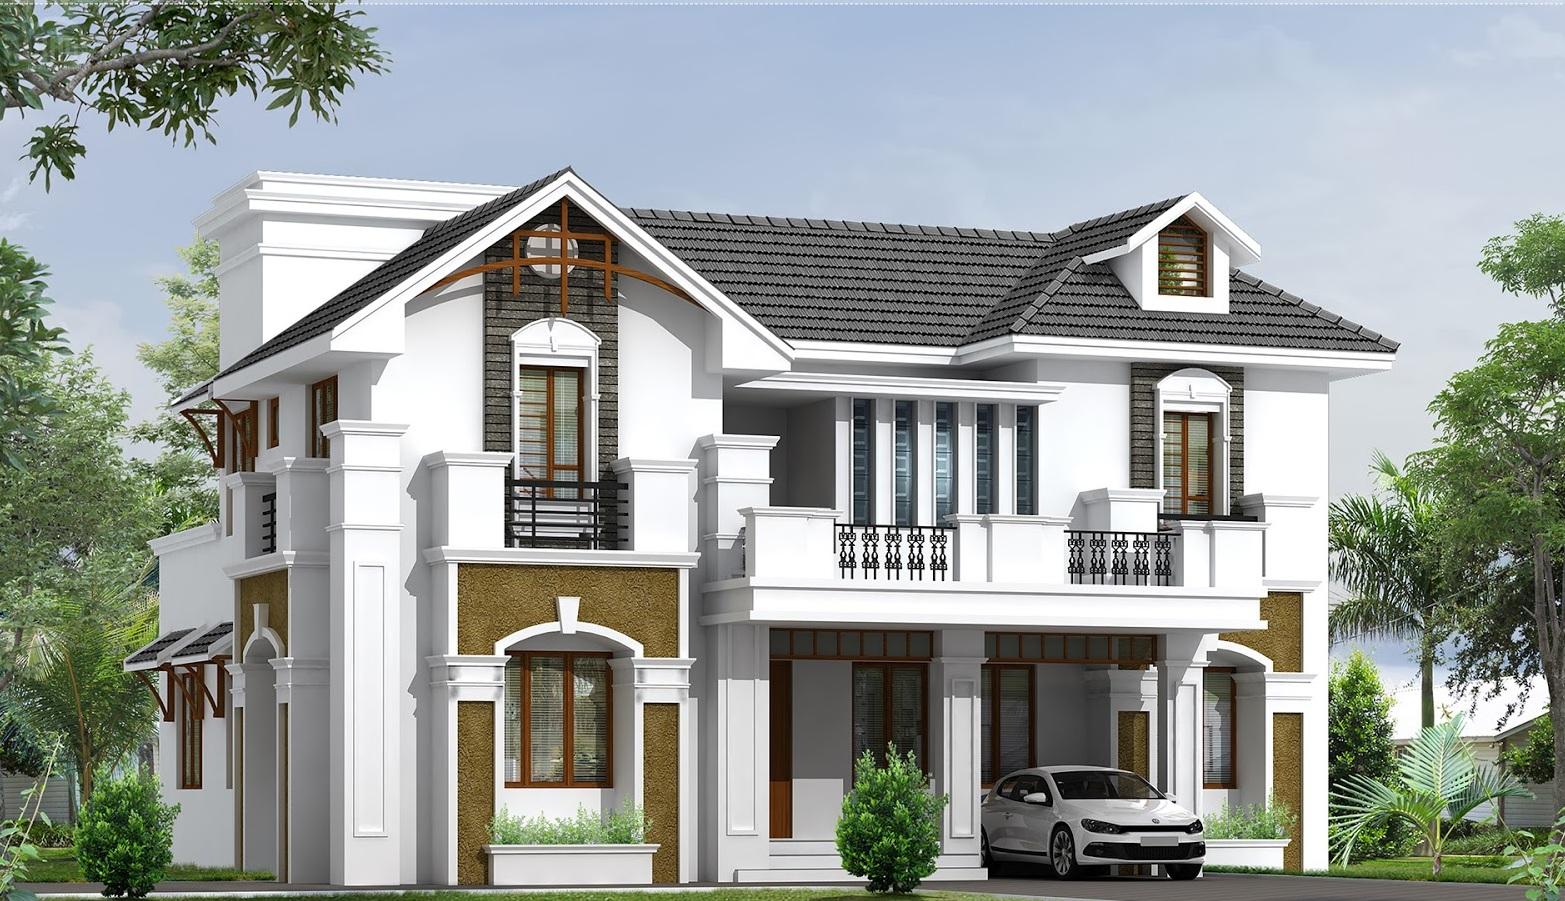 Gia chủ có thể sử dụng gam màu nhã nhặn mang hơi hướng biệt thự phố cổ ở Hà Nội cho mẫu biệt thự mini 2 tầng